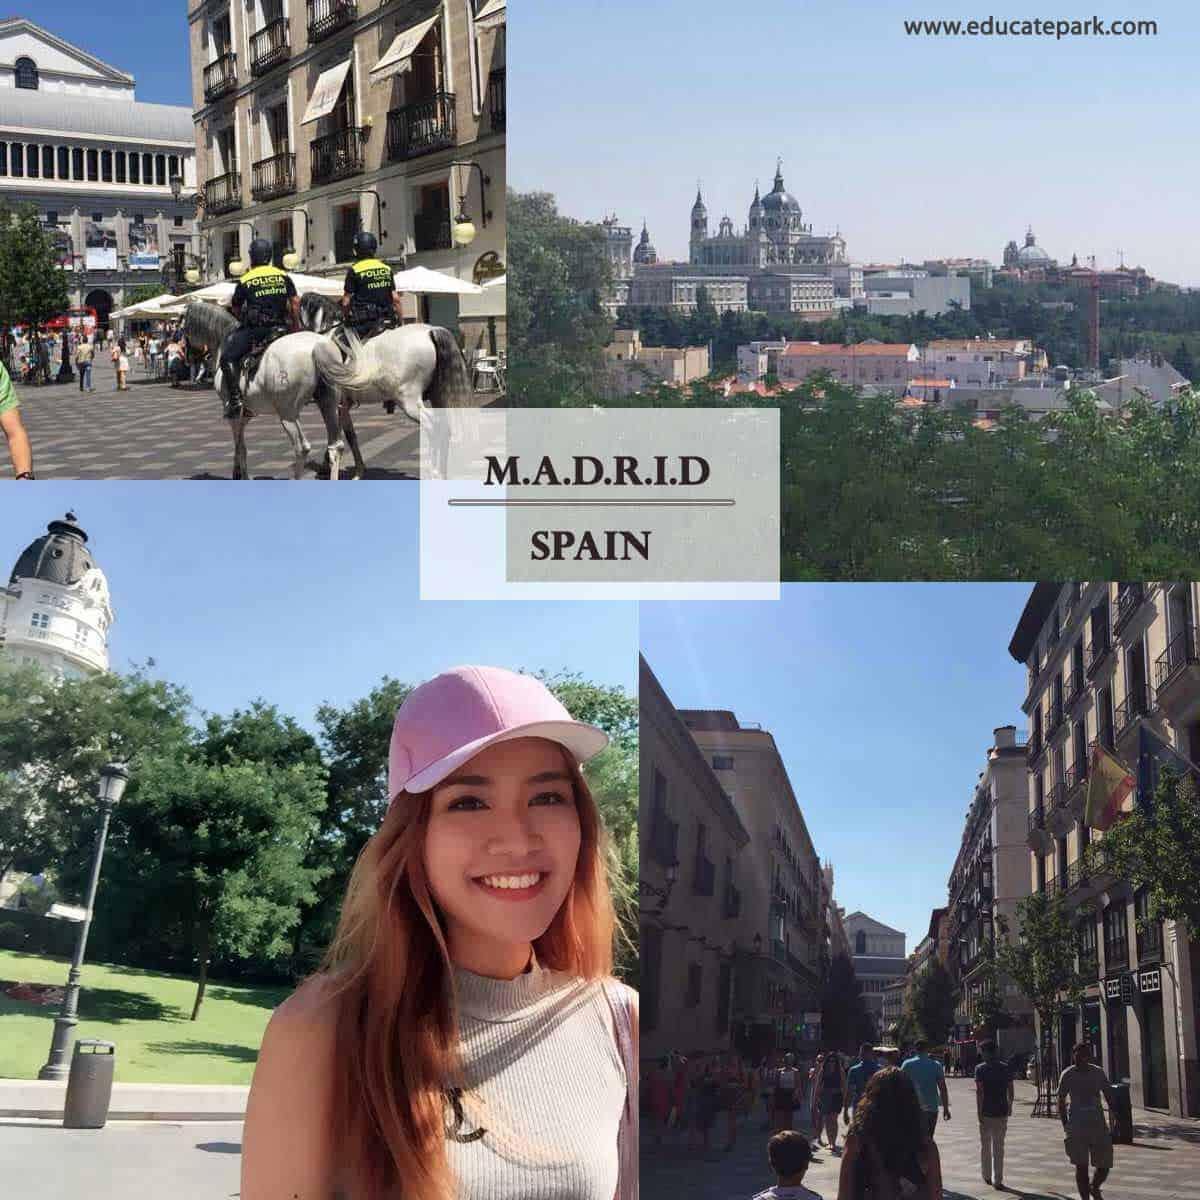 น้องอีฟ เรียนภาษาสเปนที่กรุงมาดริด